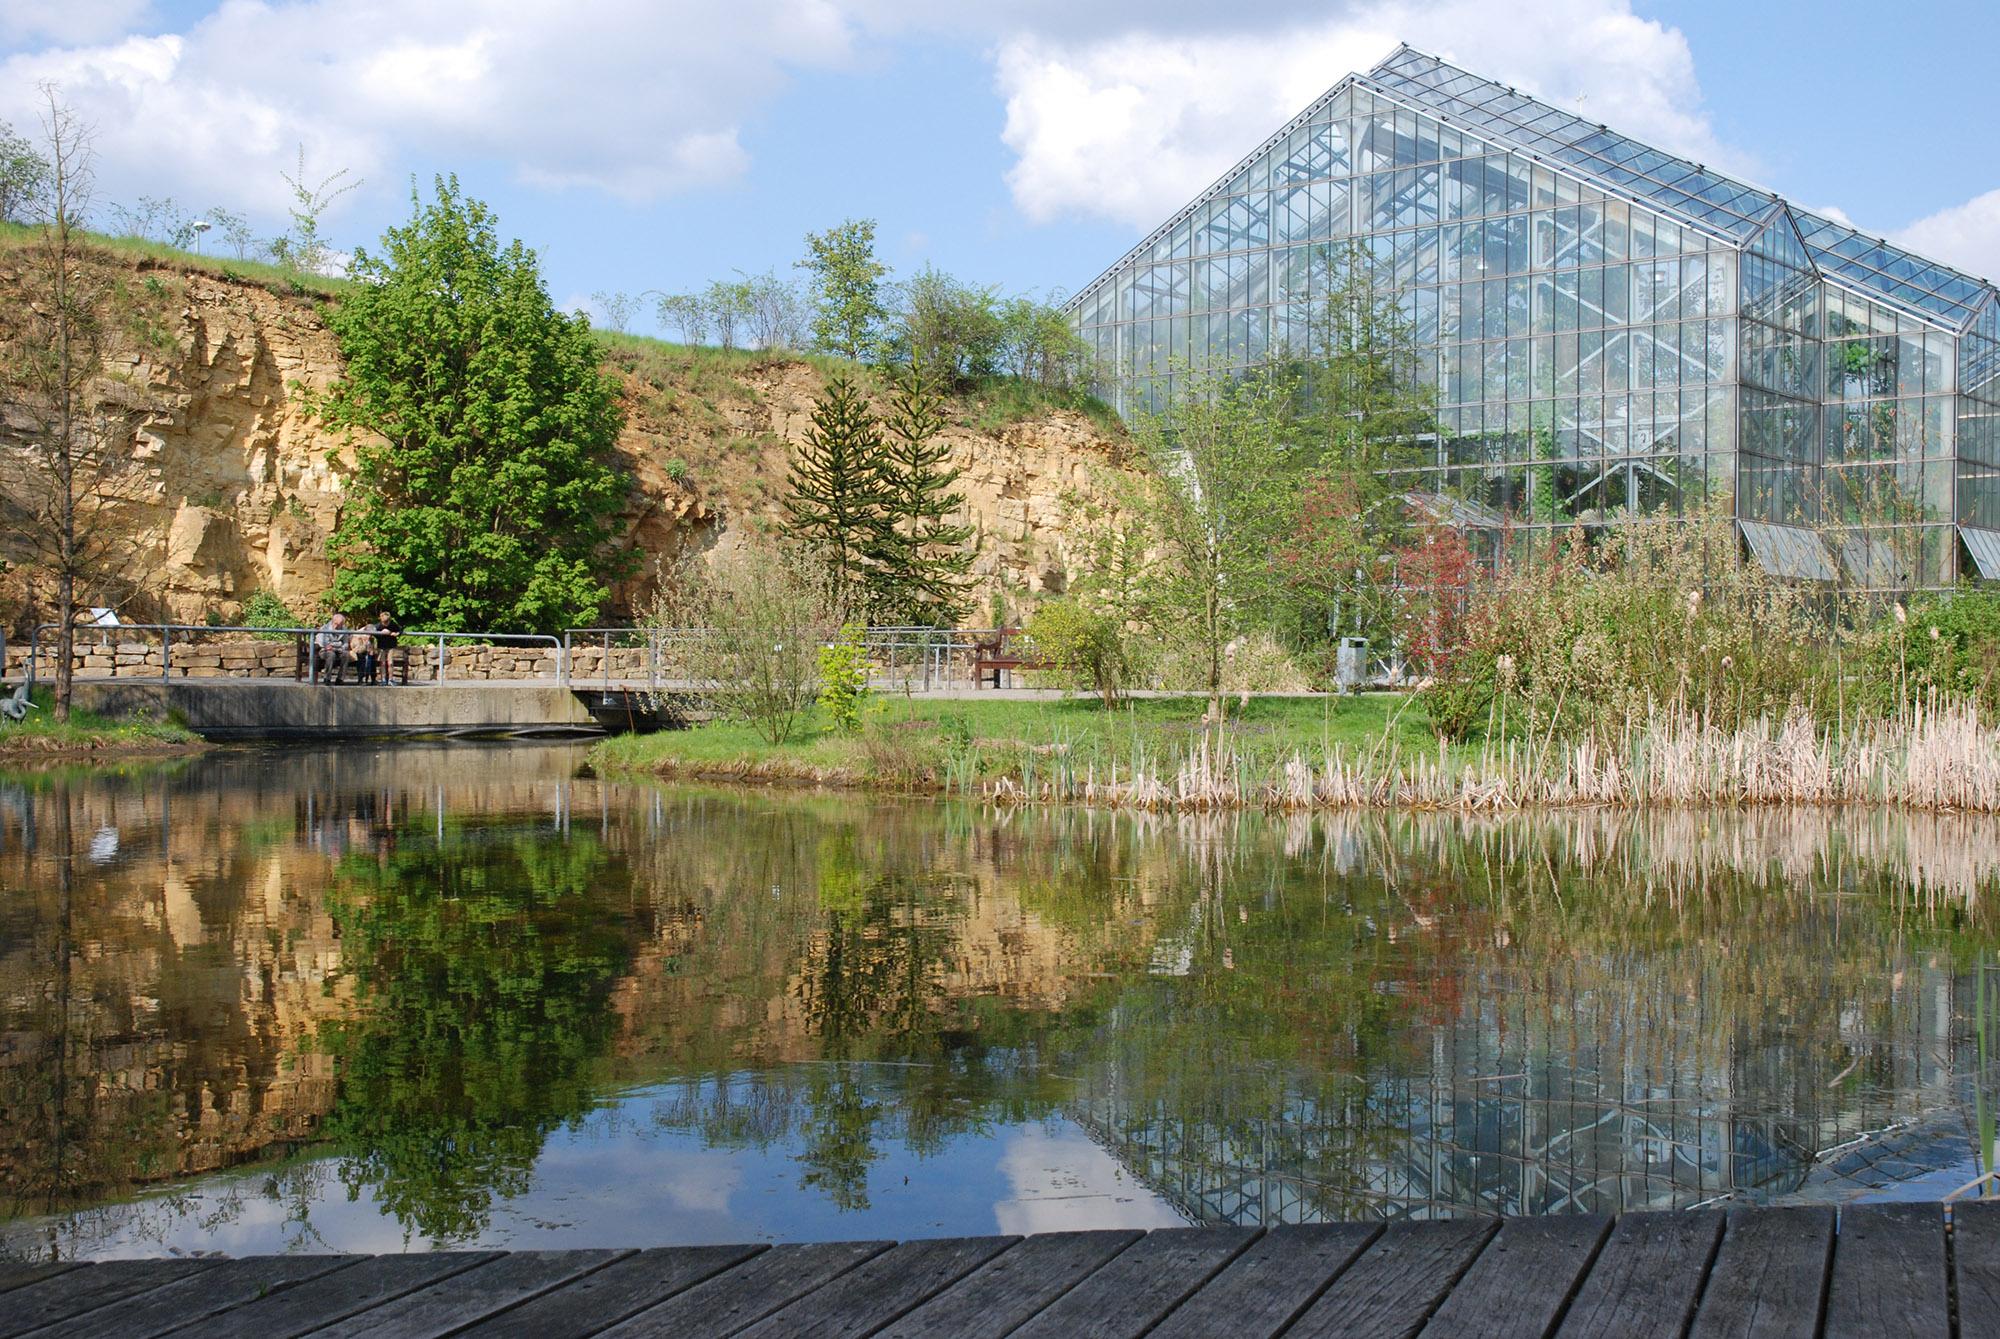 Botanischer Garten | Hollager Mühle